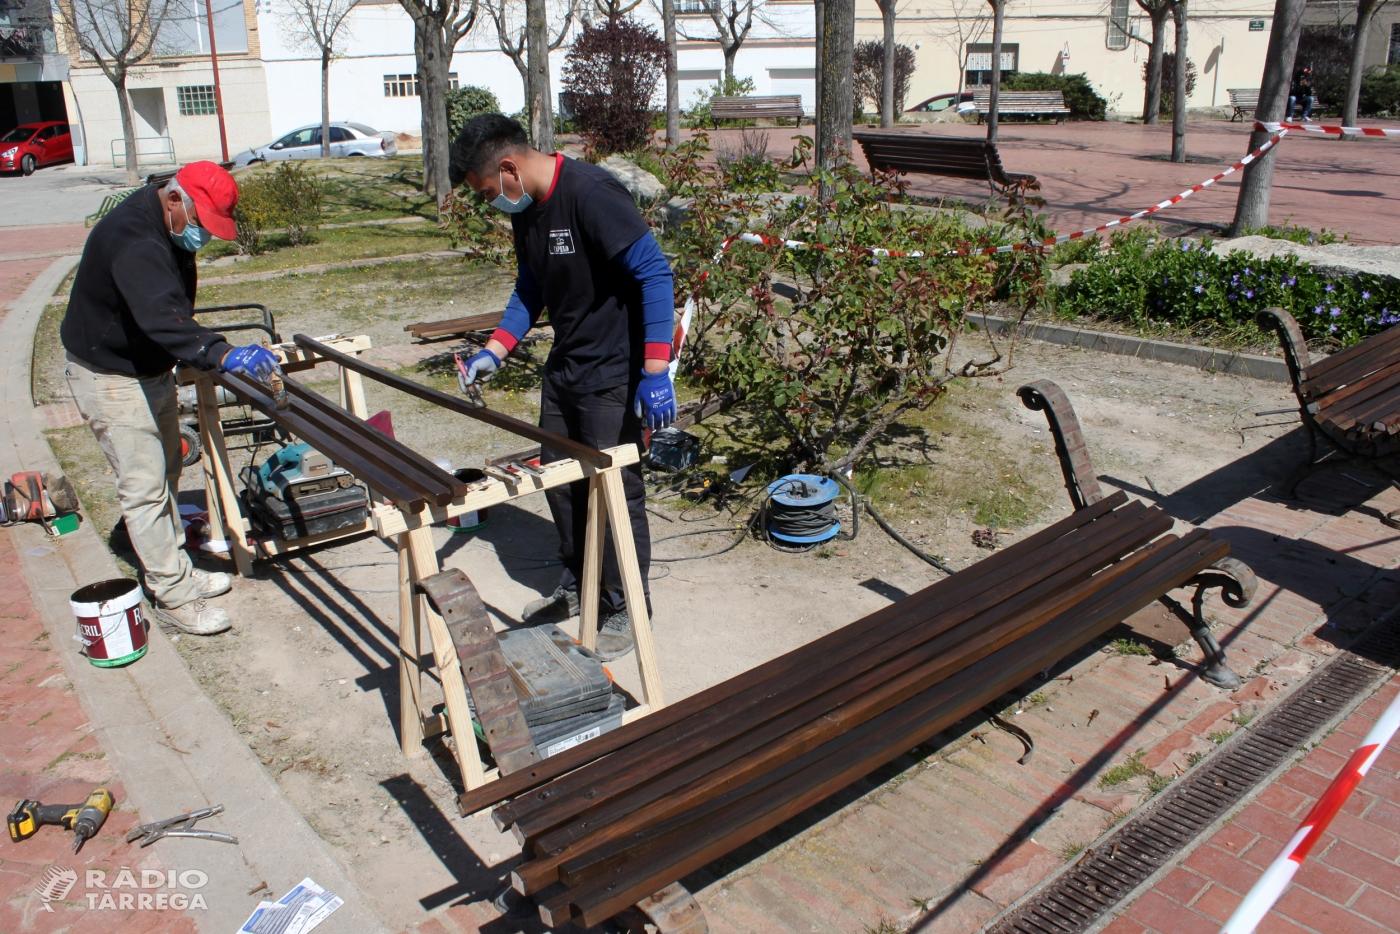 L'Ajuntament de Tàrrega inicia la restauració dels bancs de fusta del municipi, un dels projectes més votats en els pressupostos participatius